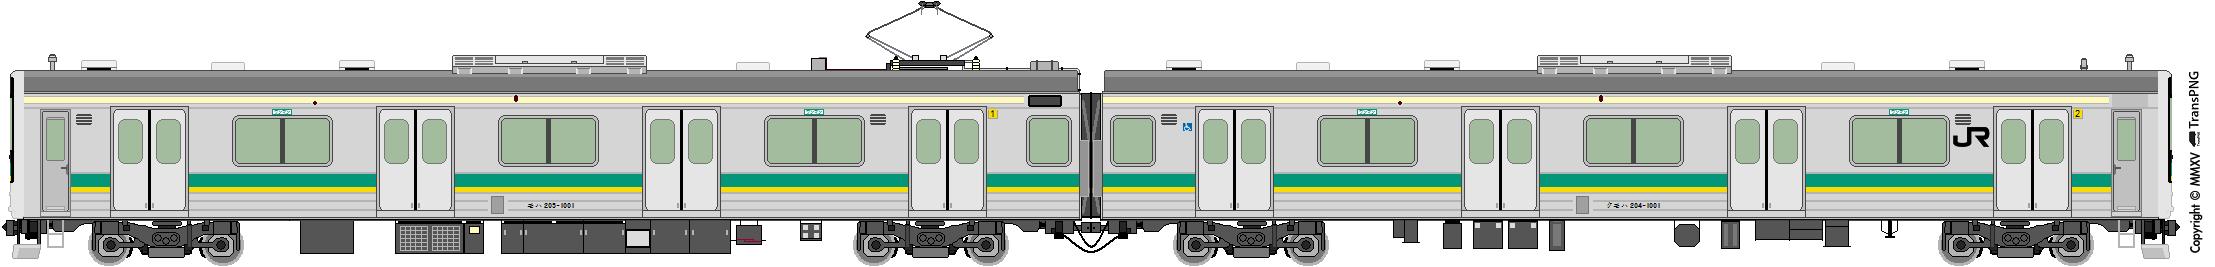 [5565] 東日本旅客鉄道 5565